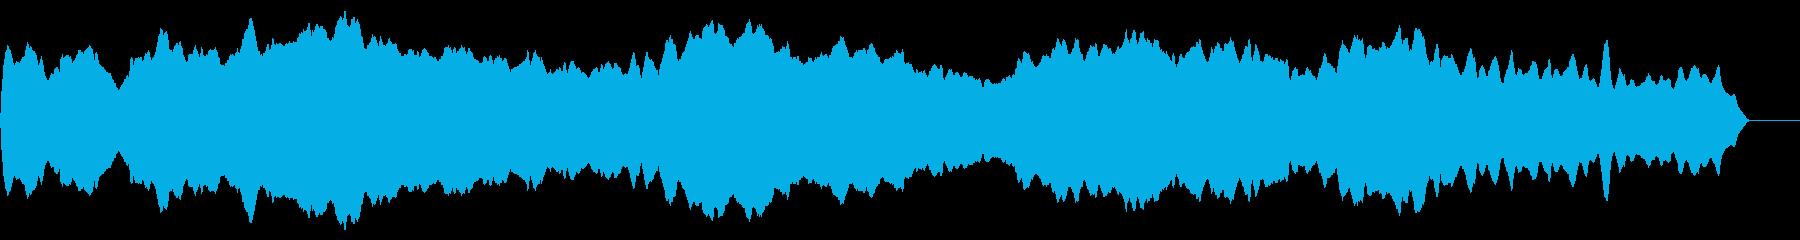 フラフラしたスライドホイッスル の再生済みの波形